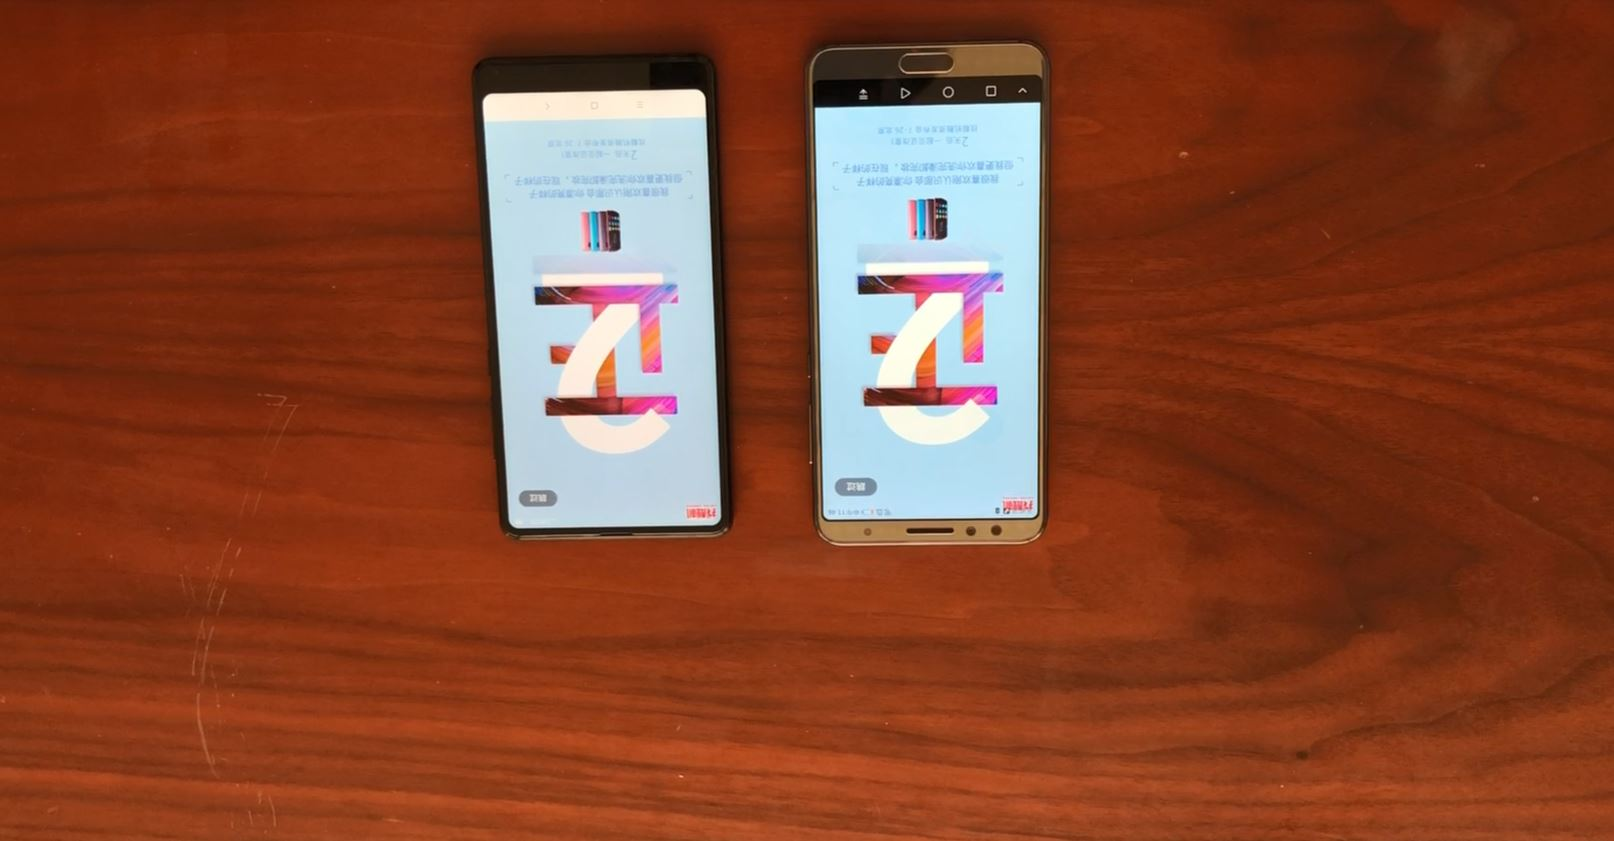 1650的华为公司nova2S比照2250的小米MIX2,网民:小米手机你还给600块!